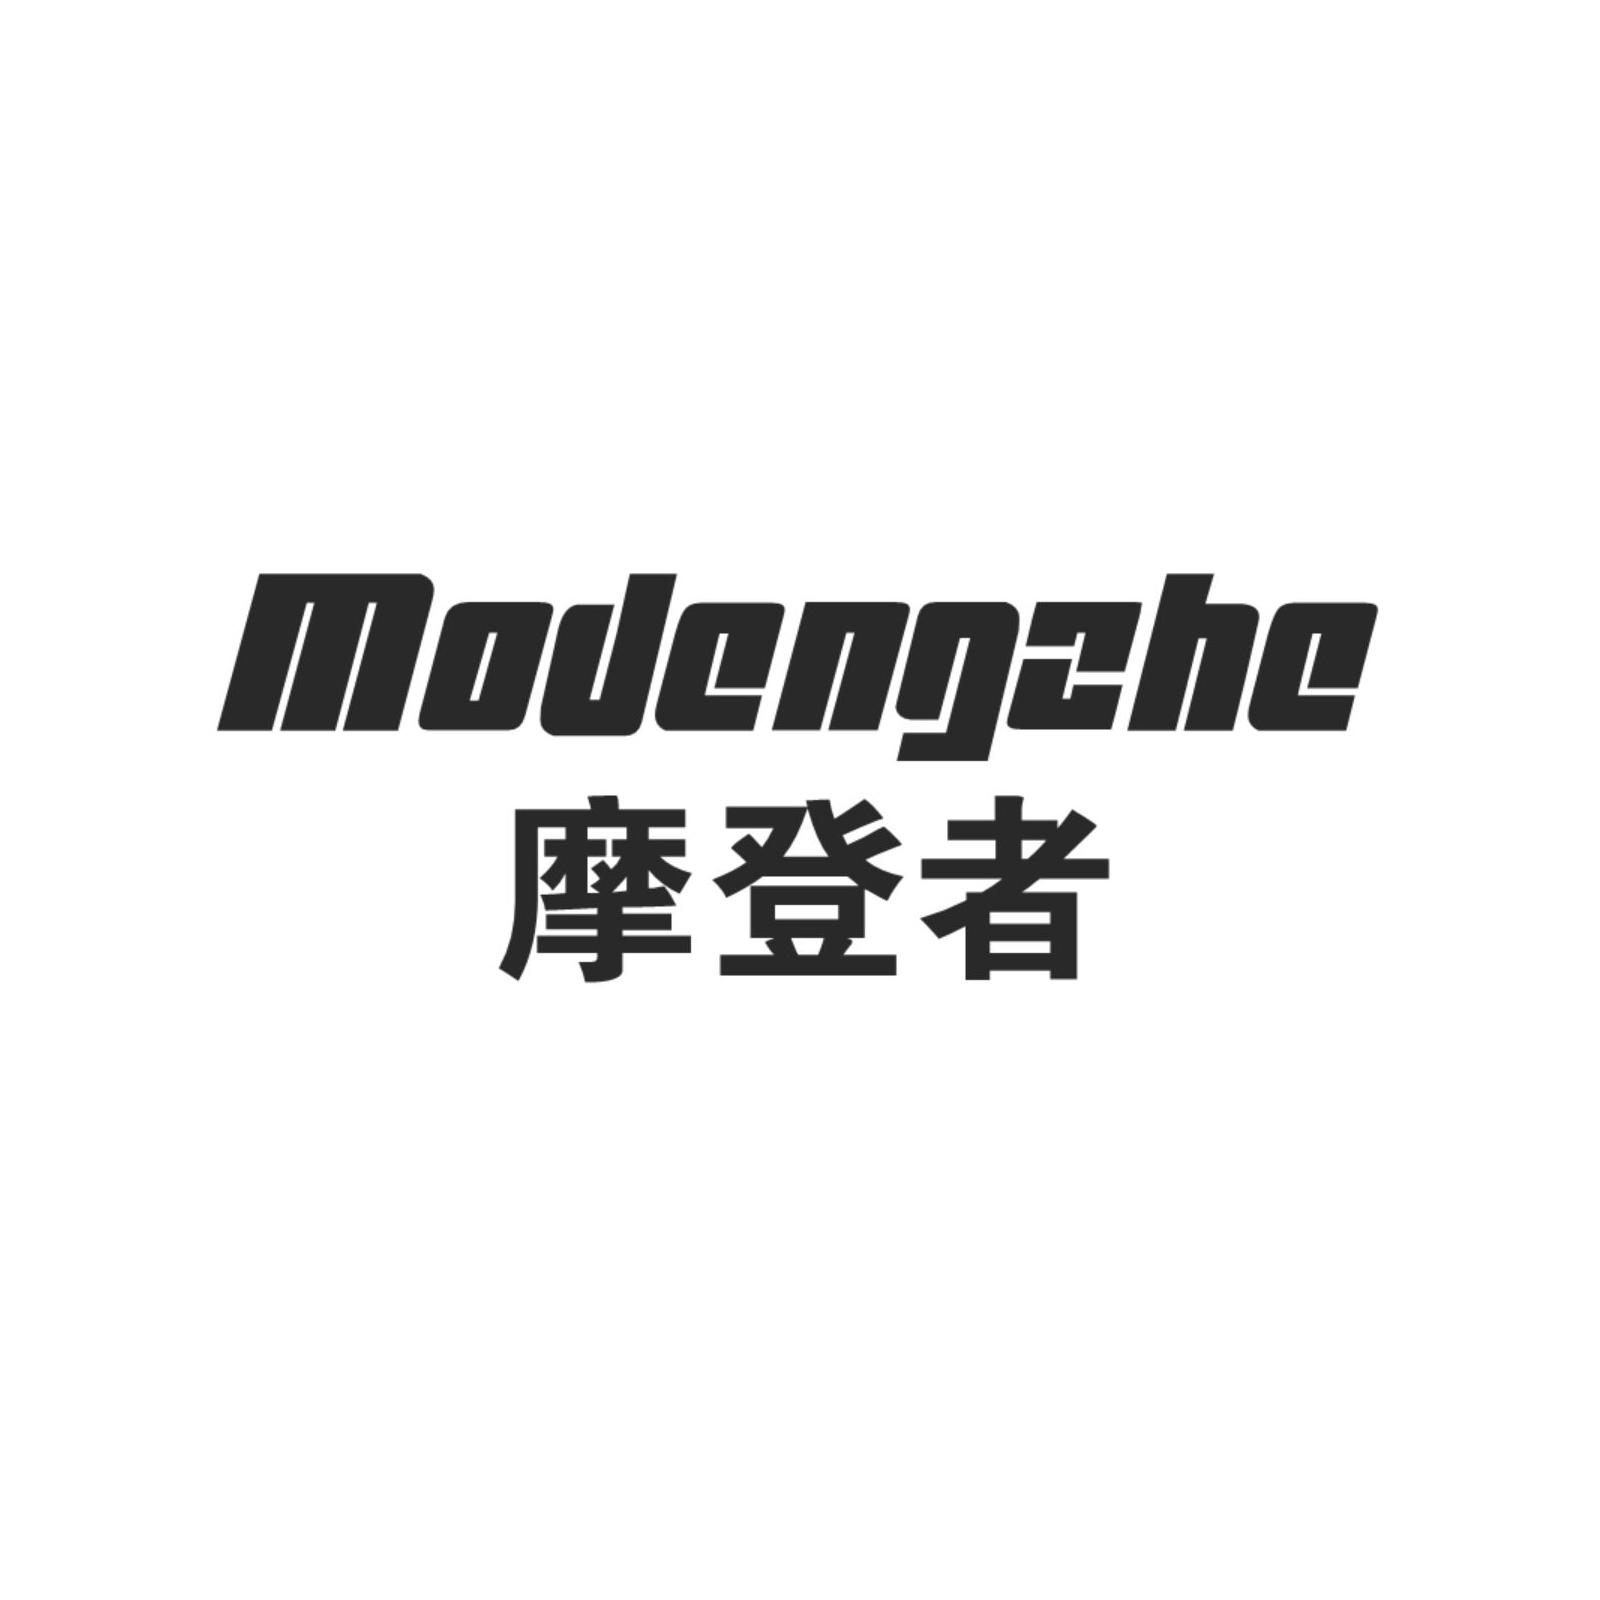 摩登者(modengzhe)